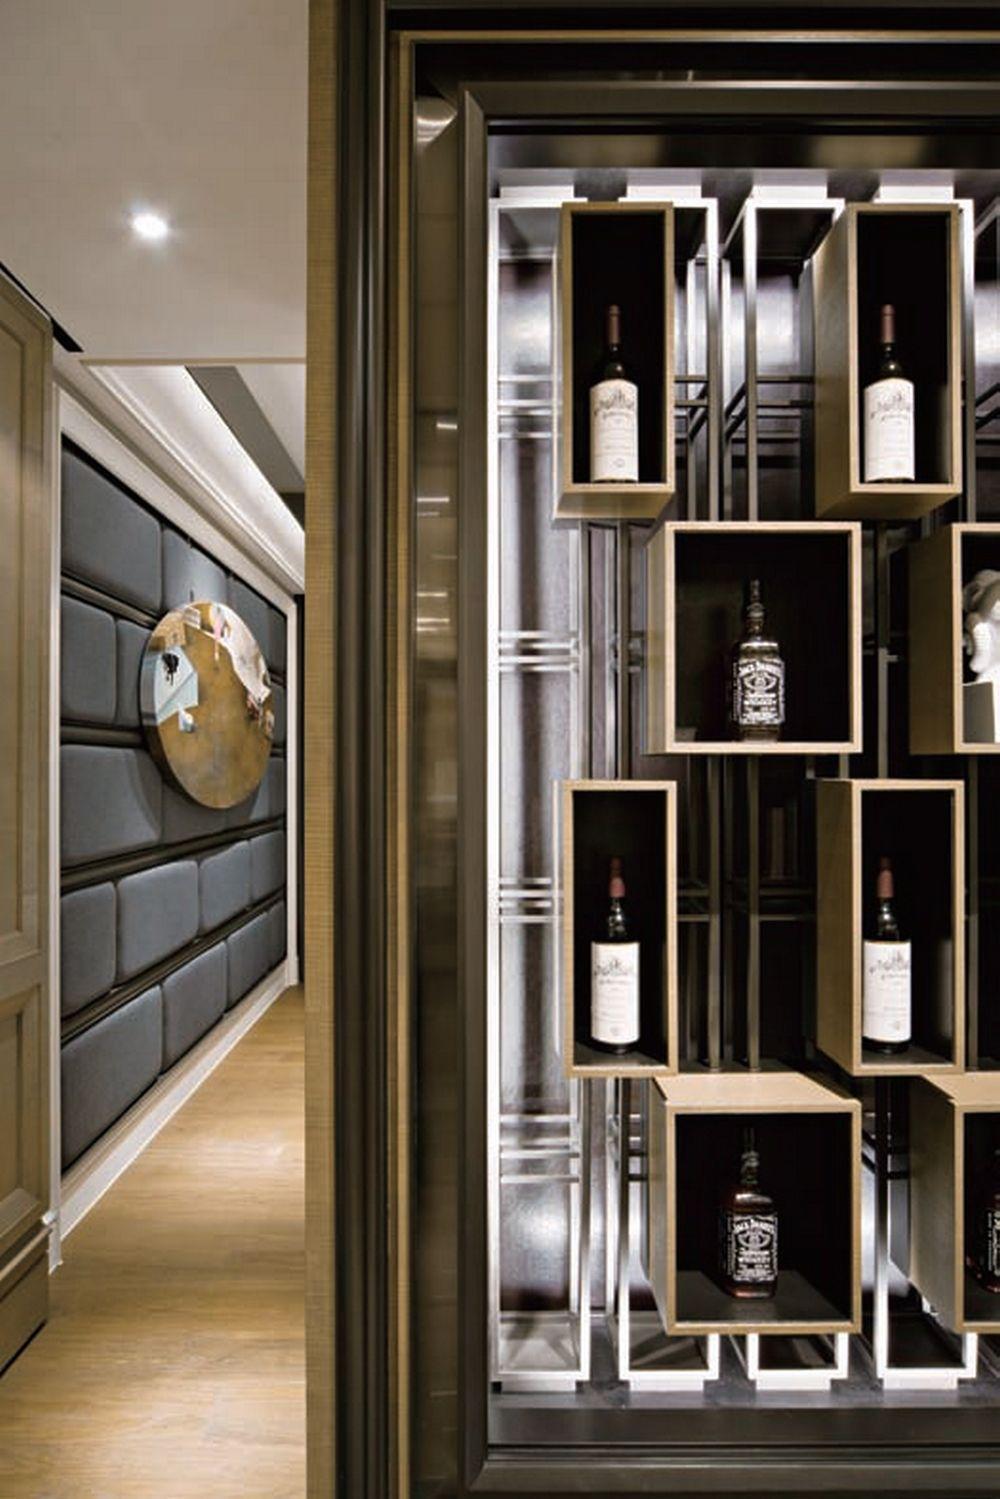 contemporary interior designs inner decoration home | 室内设计 ...